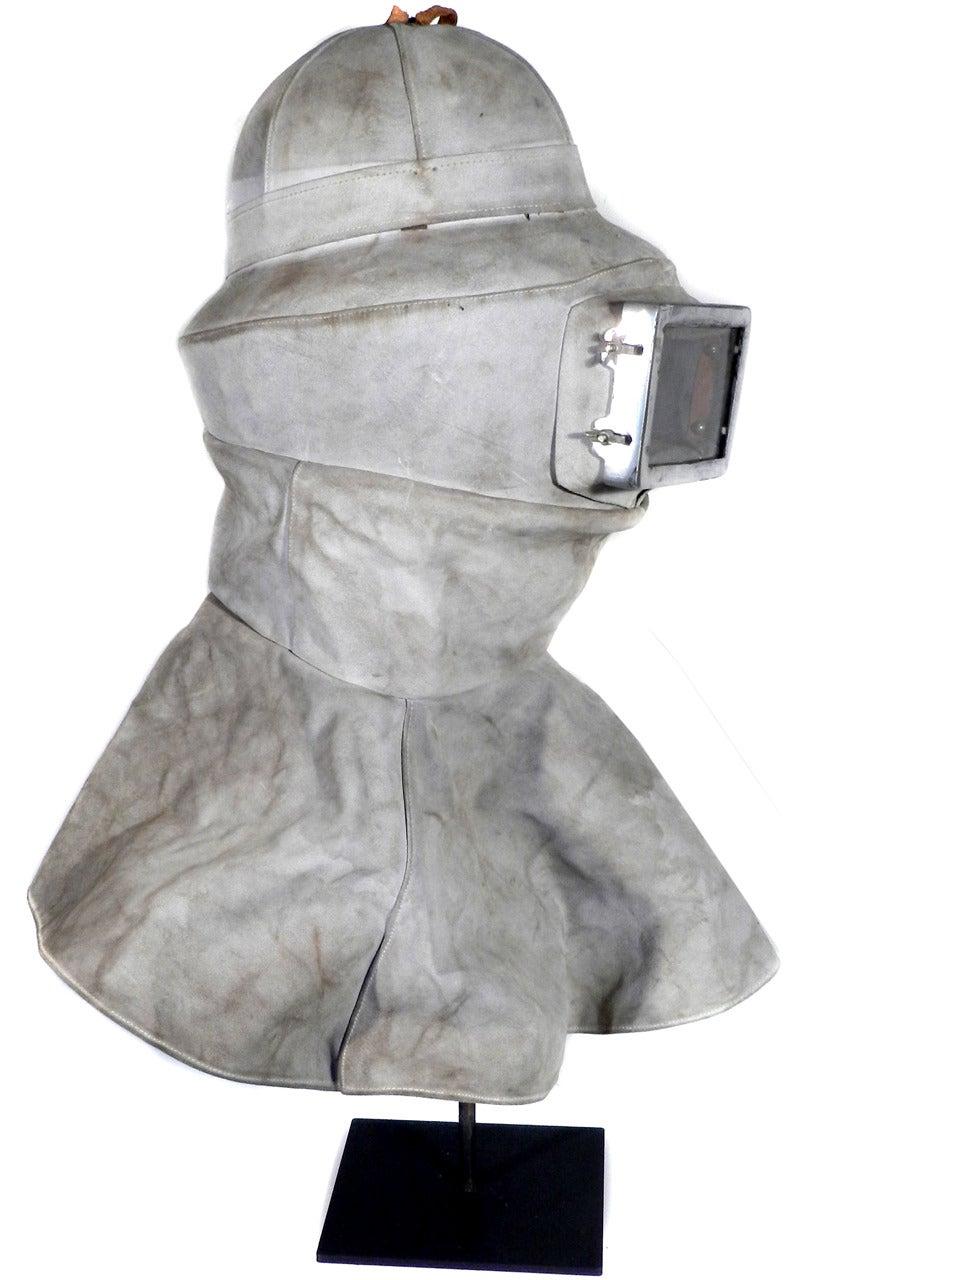 Workers Protective Helmet, German Automotive Factory 2